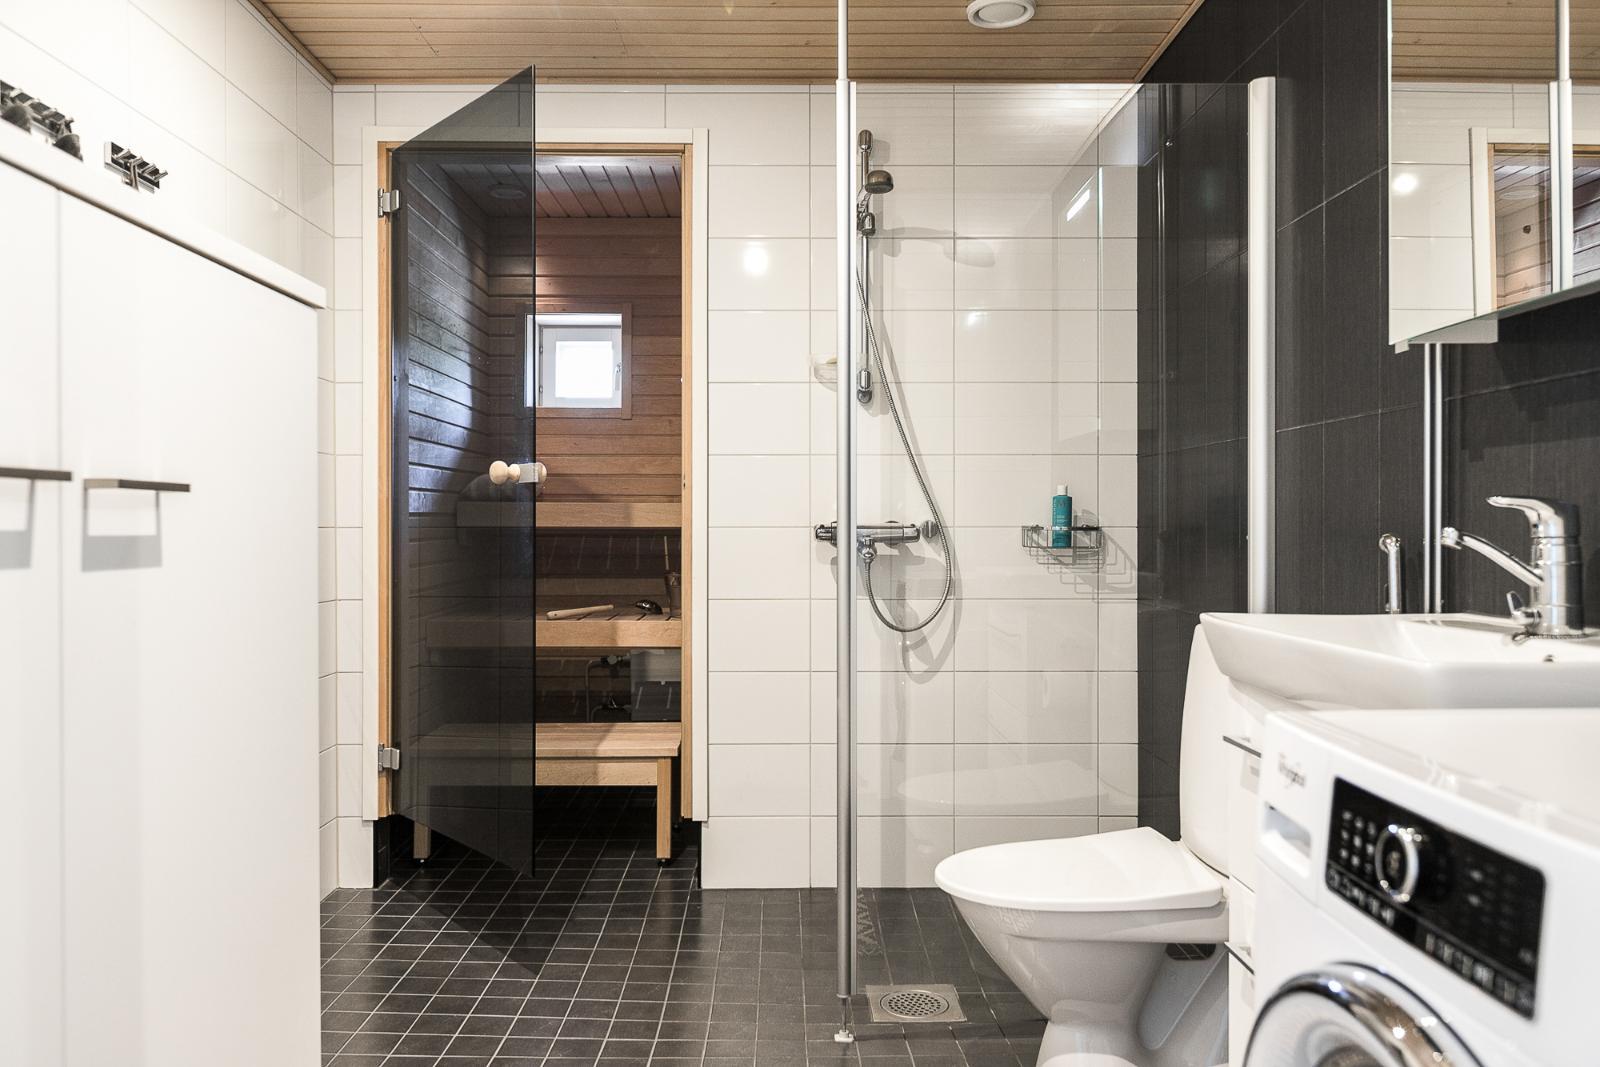 Pesuhuone on tilava, jossa on hyvin tilaa pesutornille, pyyhkeille ja likapyykeille. title=